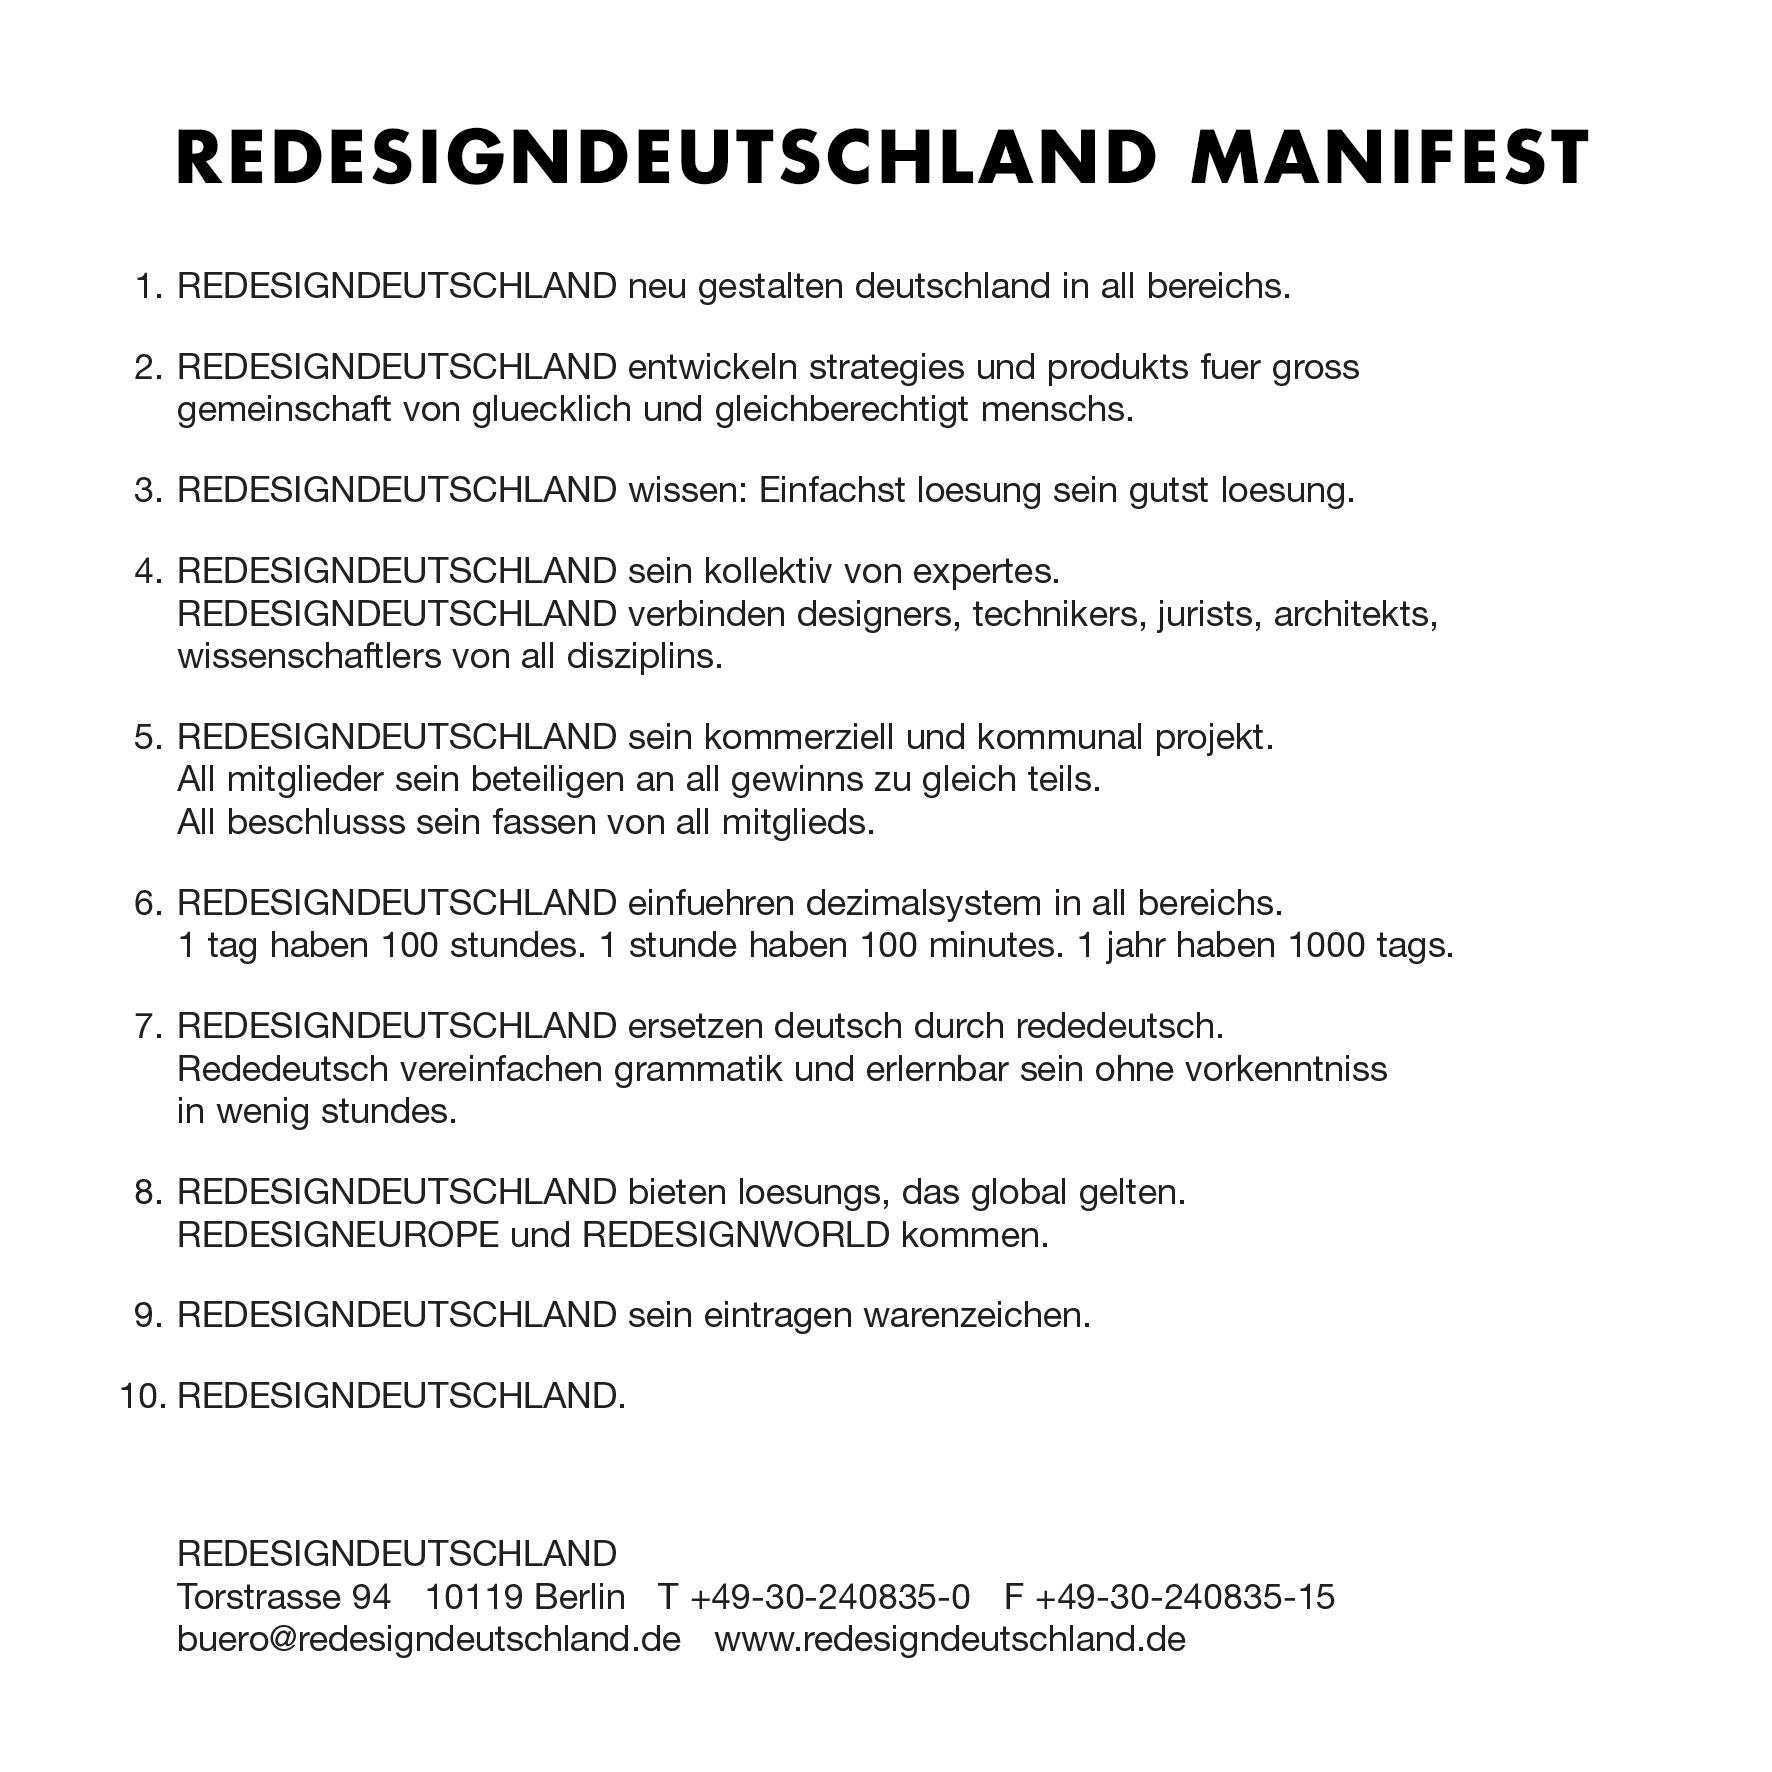 RDD_MANIFEST_RZ-2.jpg